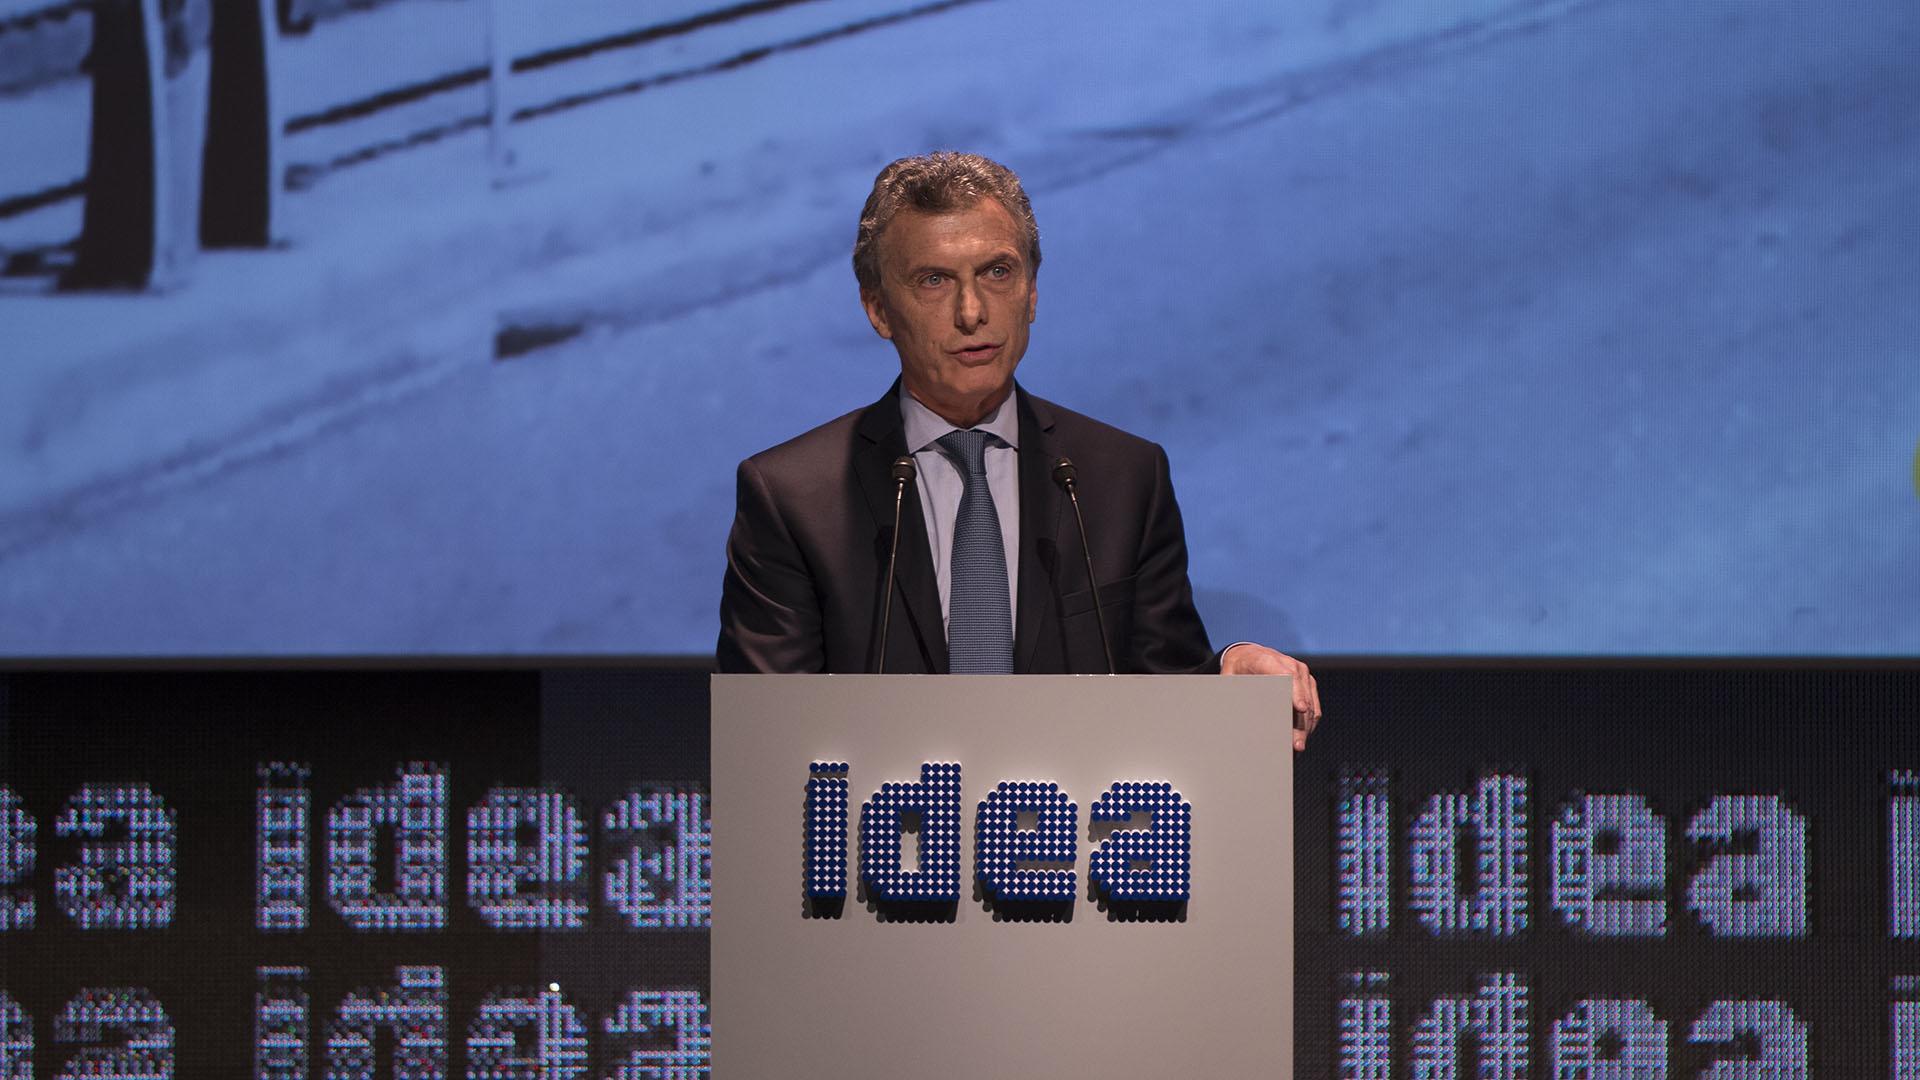 El presidente Mauricio Macri abrió el Coloquio de IDEA